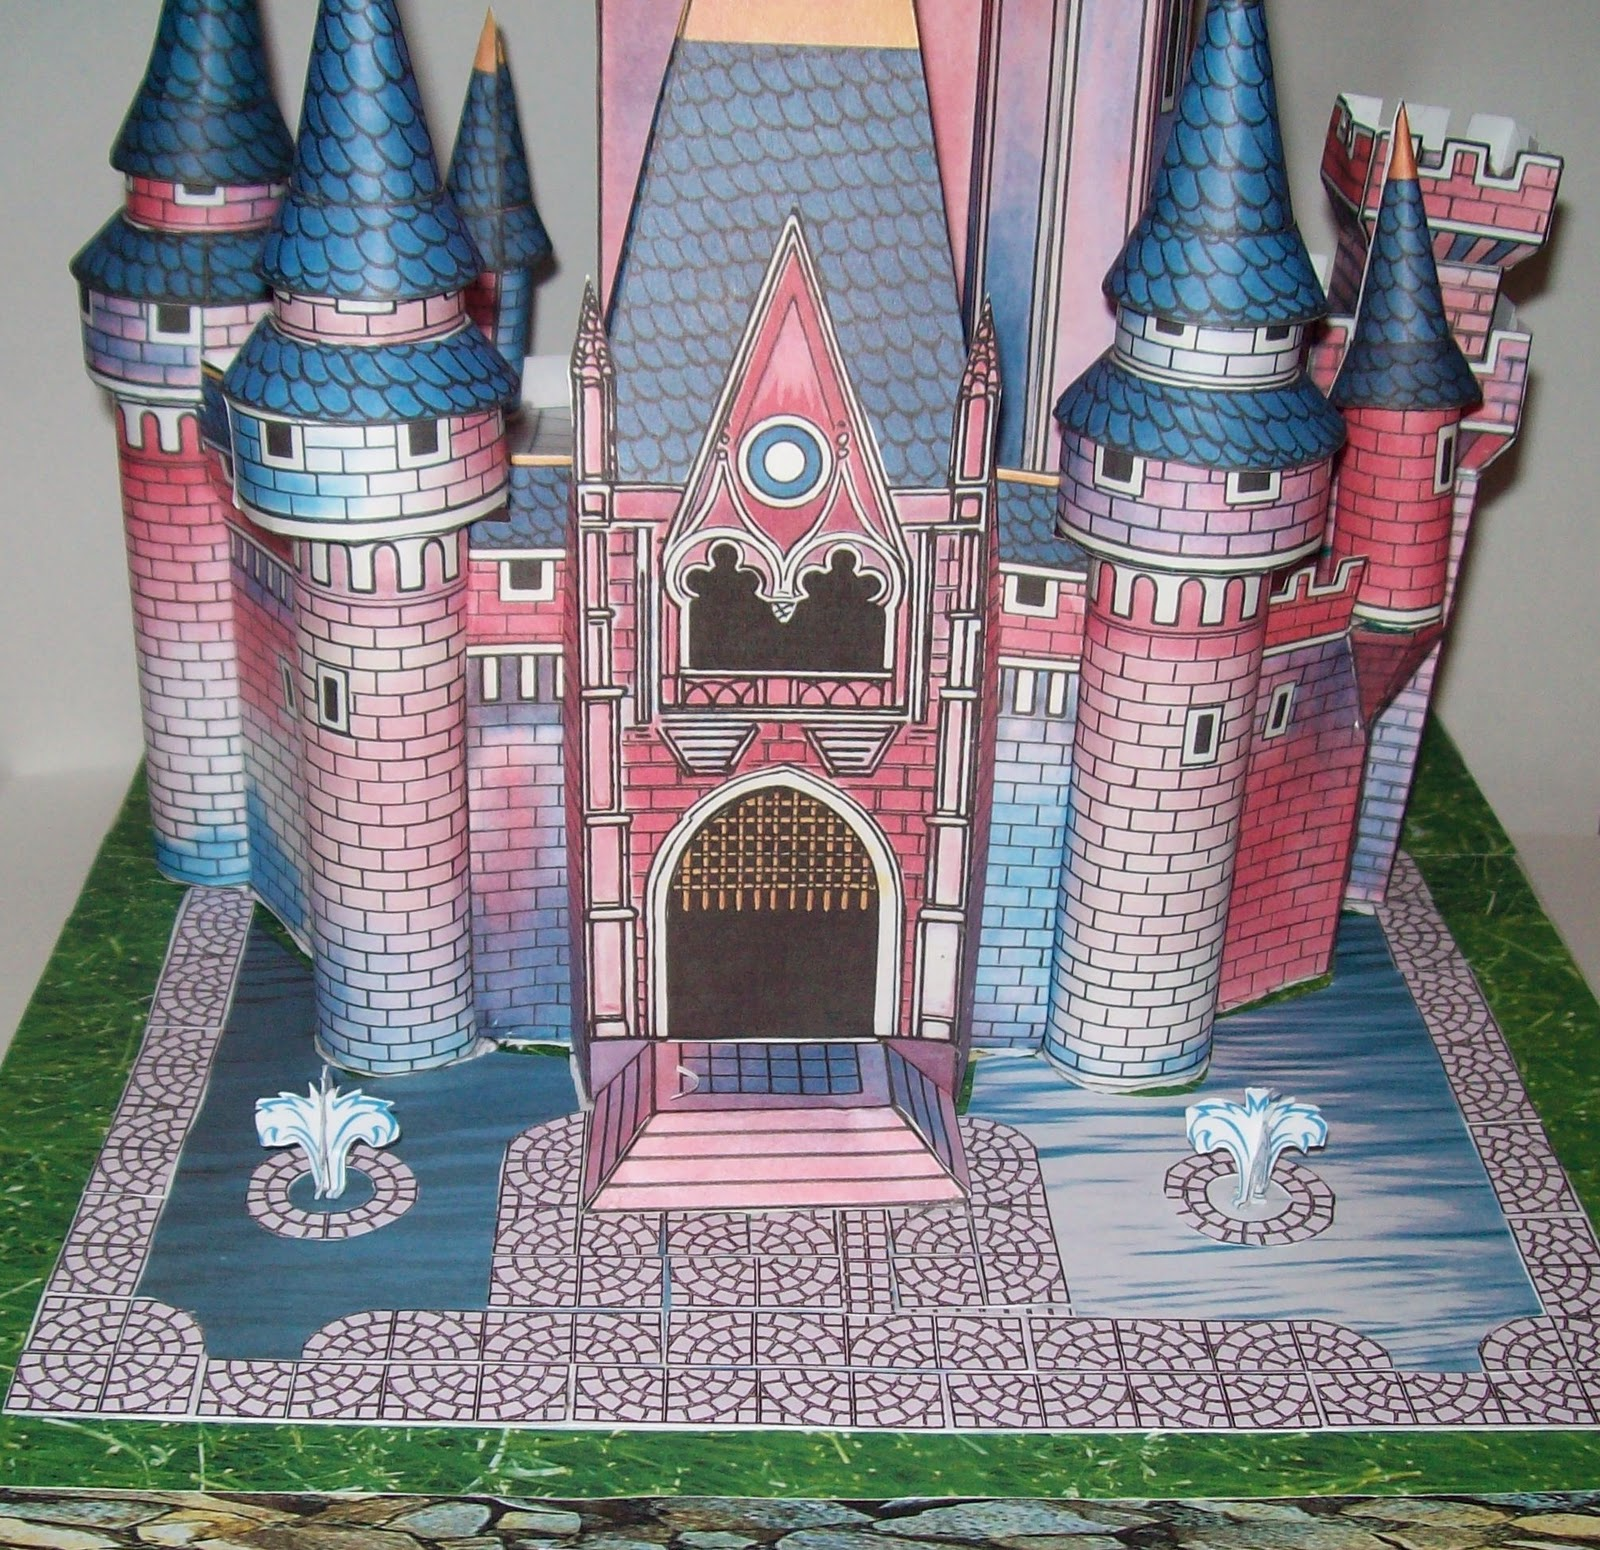 Disney's Cinderella's Castle